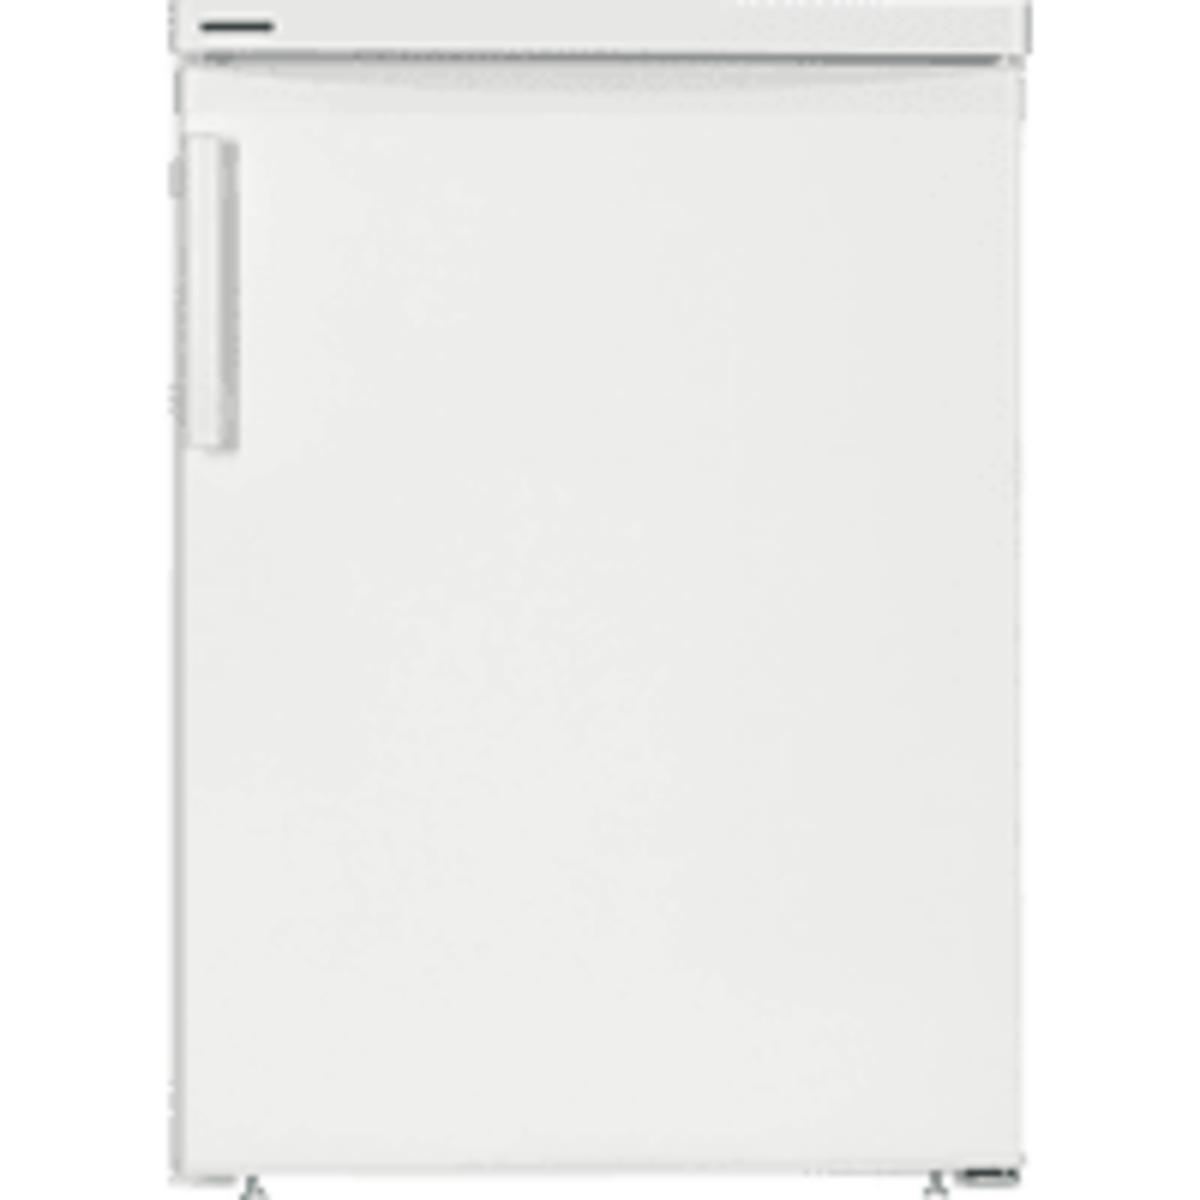 Bild 1 von LIEBHERR TP 1720-22 Kühlschrank (62 kWh/Jahr, A+++, 850 mm hoch, Weiß)